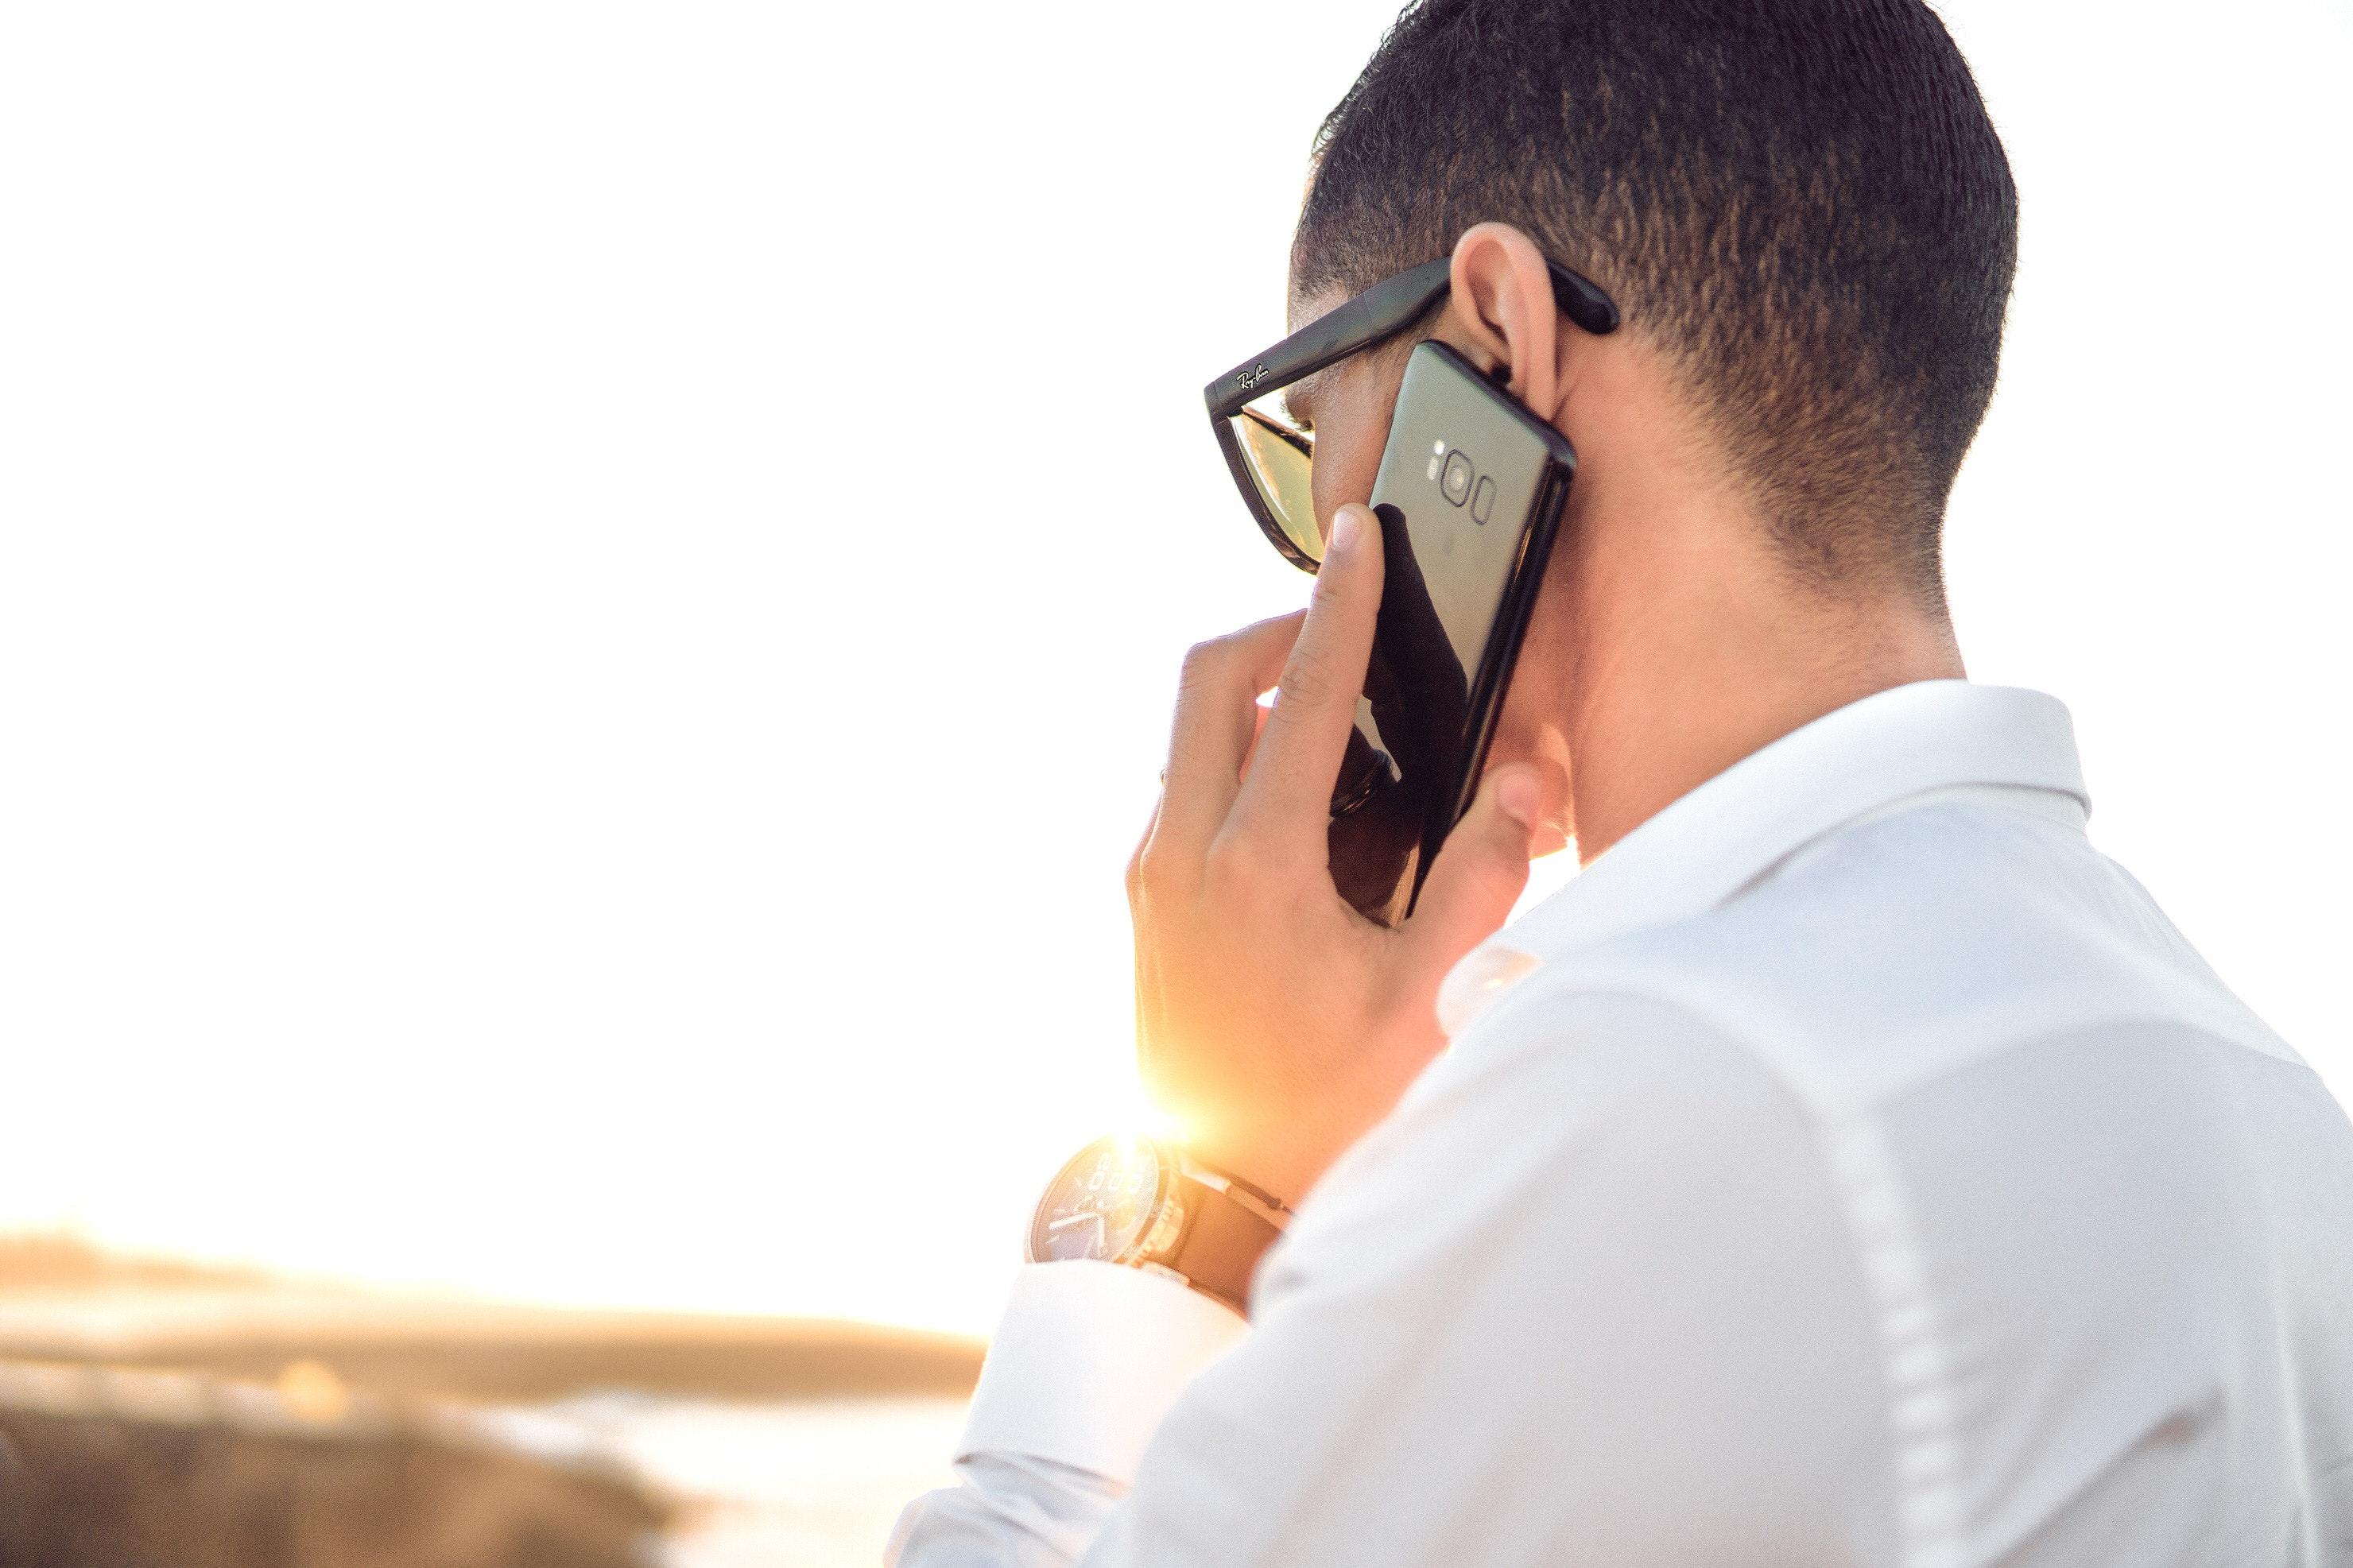 adulte avec un smartphone noir de la marque samsung